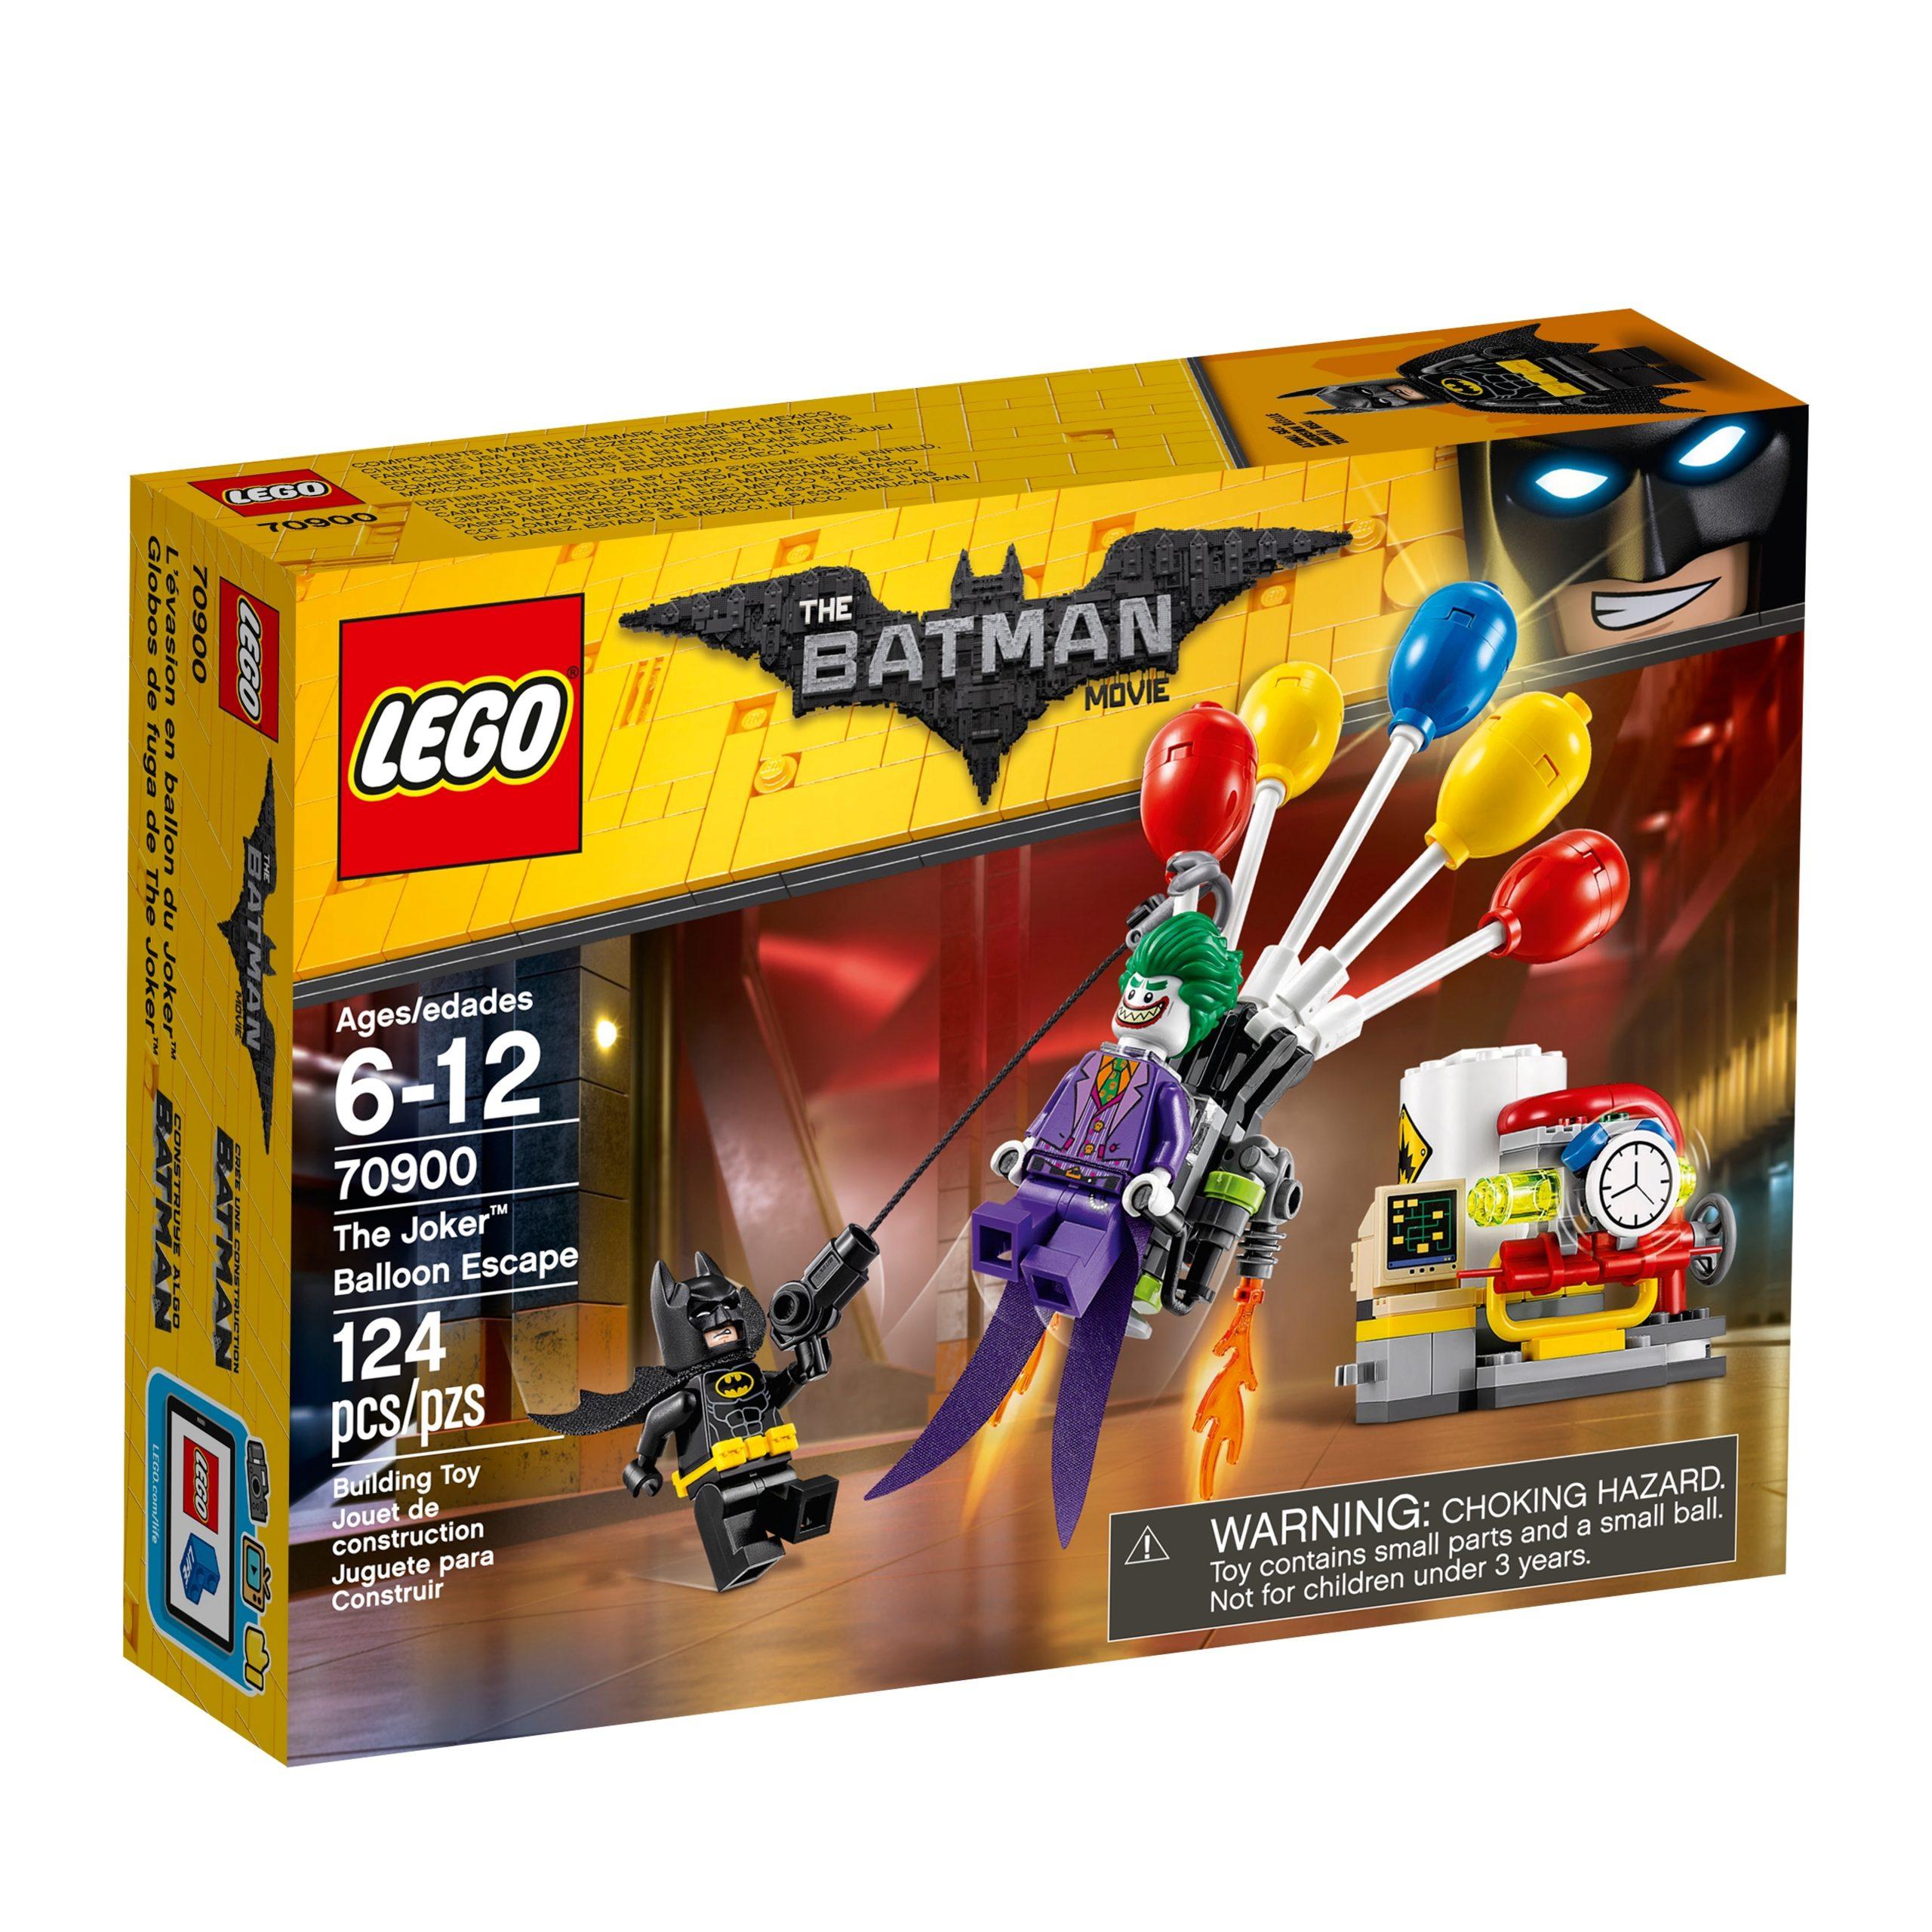 lego 70900 the joker balloon escape scaled